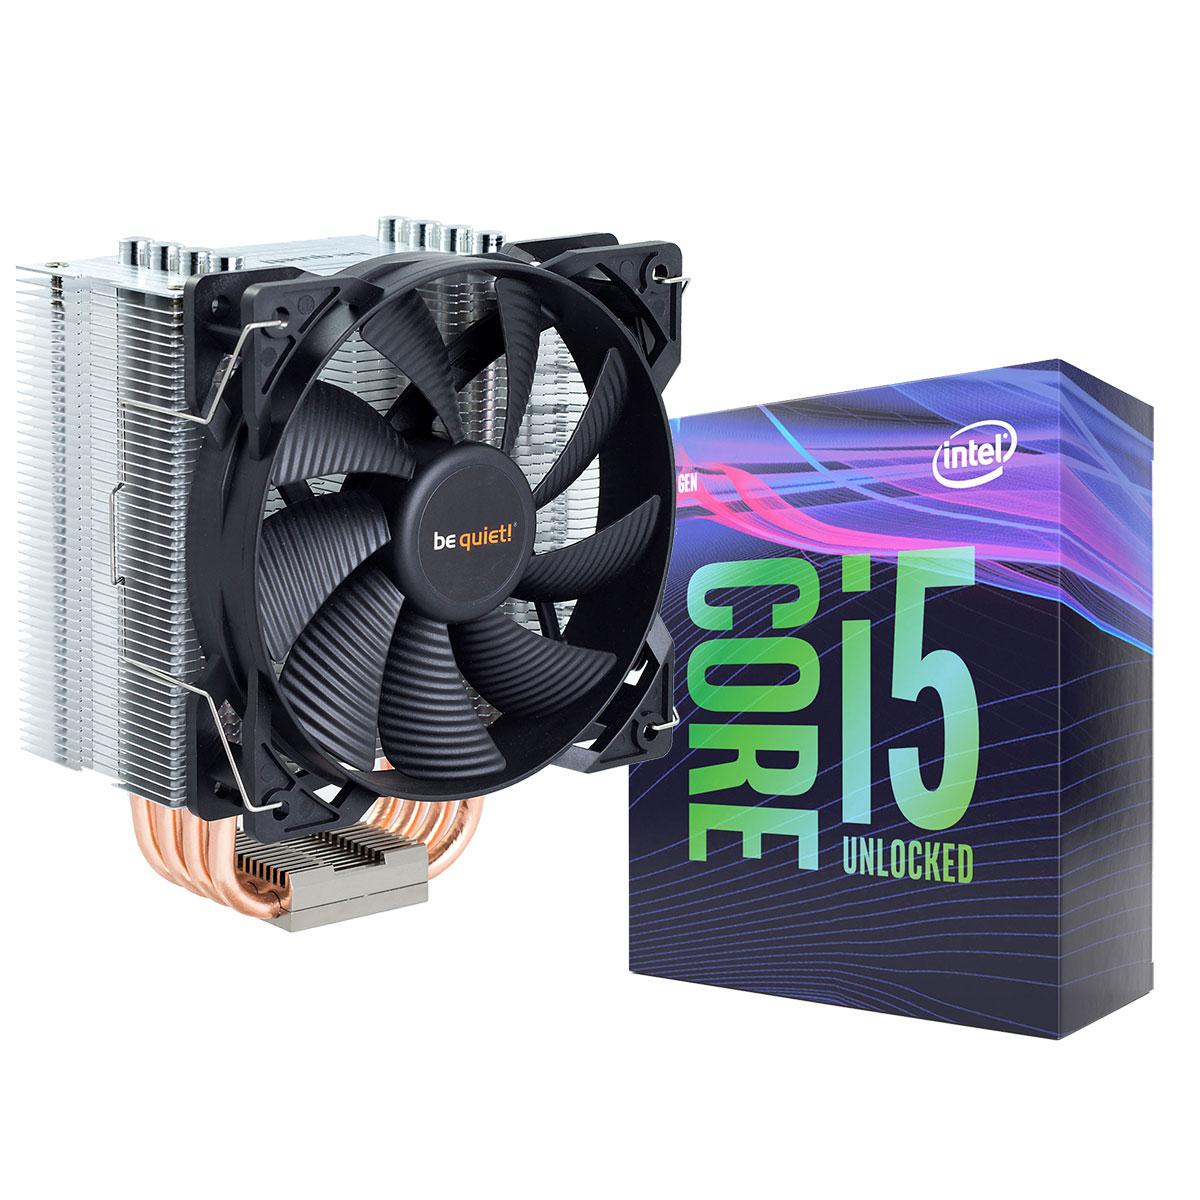 Processeur Intel Core i5-9600K + be quiet! Pure Rock Processeur 6-Core Socket 1151 Cache L3 9 Mo Intel UHD Graphics 630 0.014 micron (version bulk - ventilateur et pâte thermique inclus - garantie 1 an)